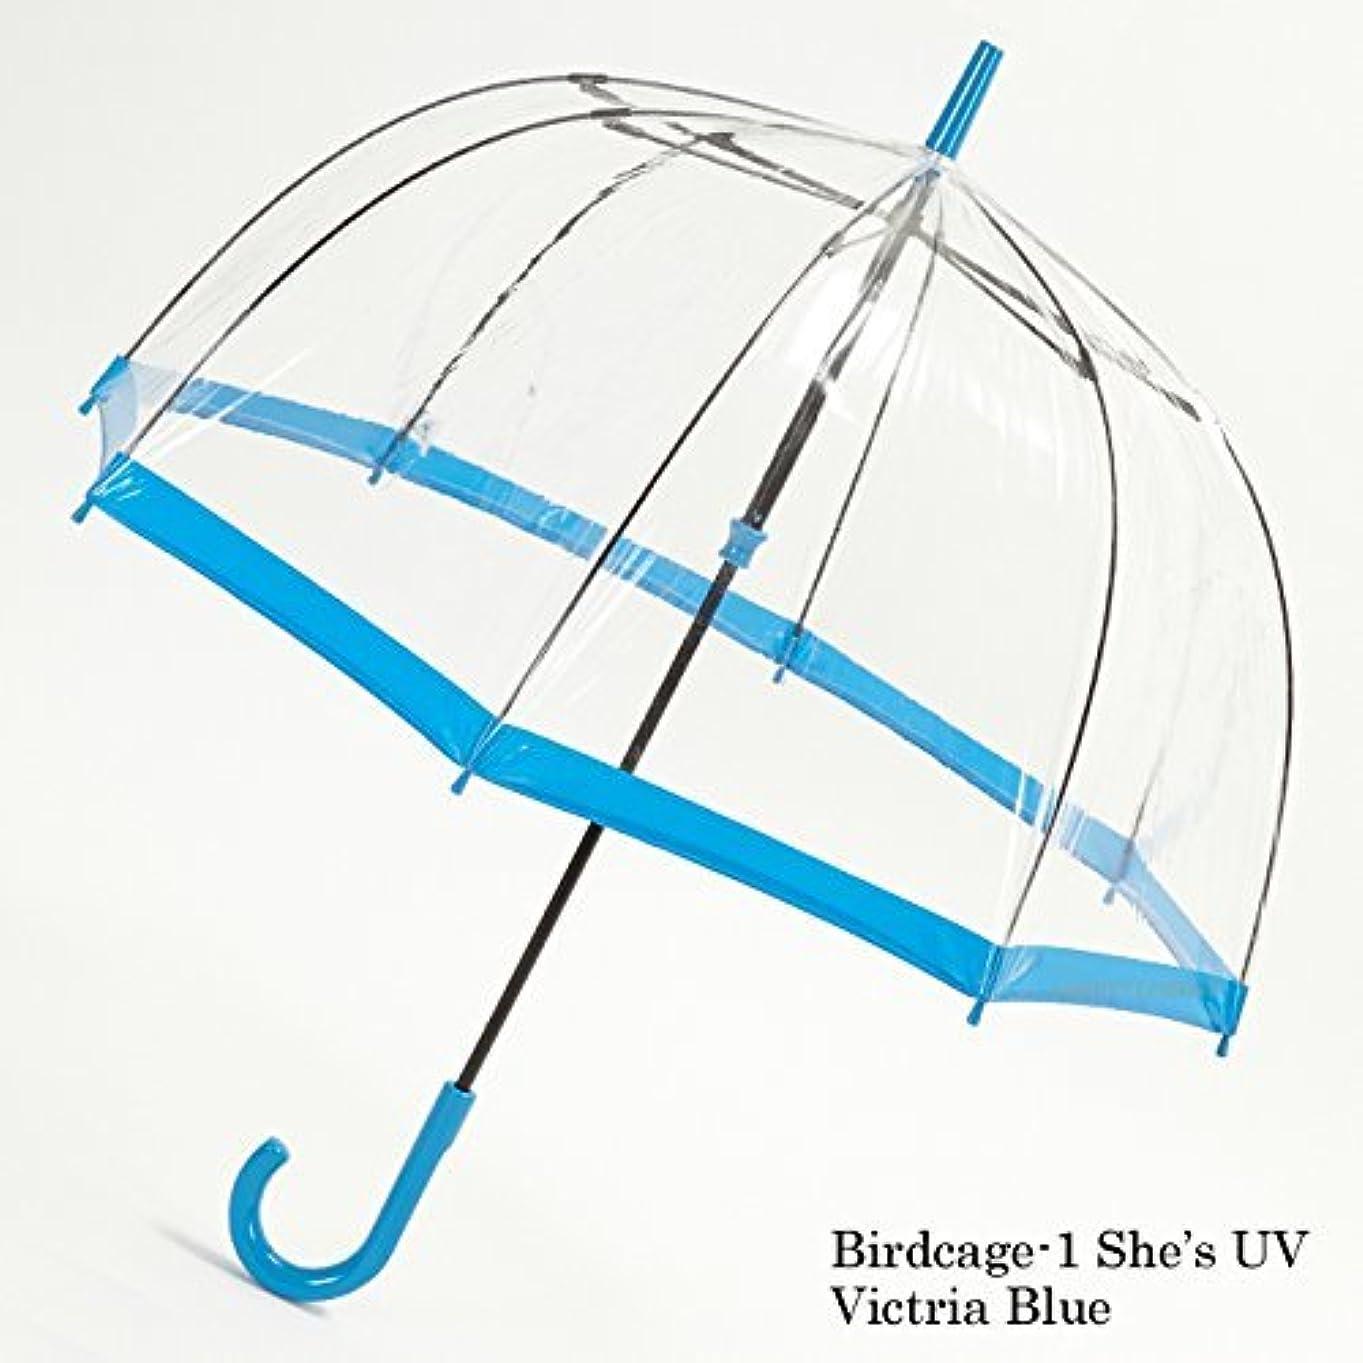 中世の変化持つフルトン FULTON バードケージ Birdcage UV カット 紫外線カット L783 Victria Blue ビニール傘 fultonl783blue